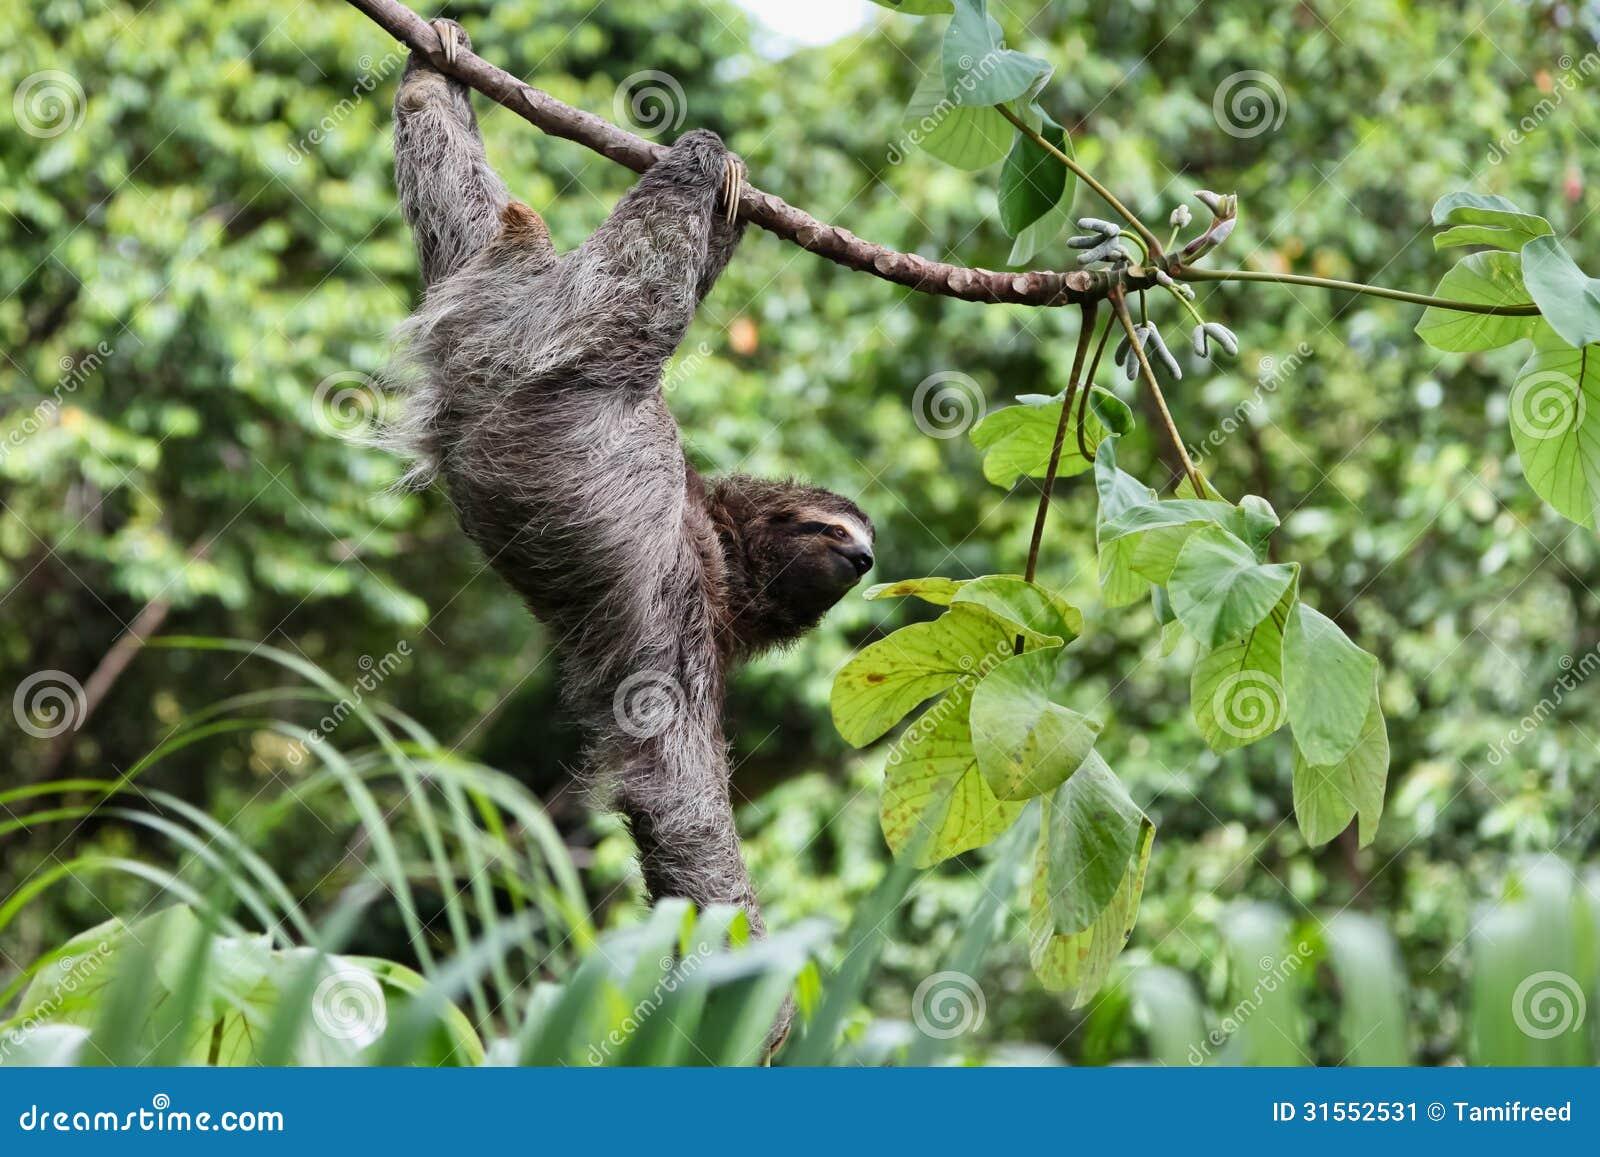 sloth reaching